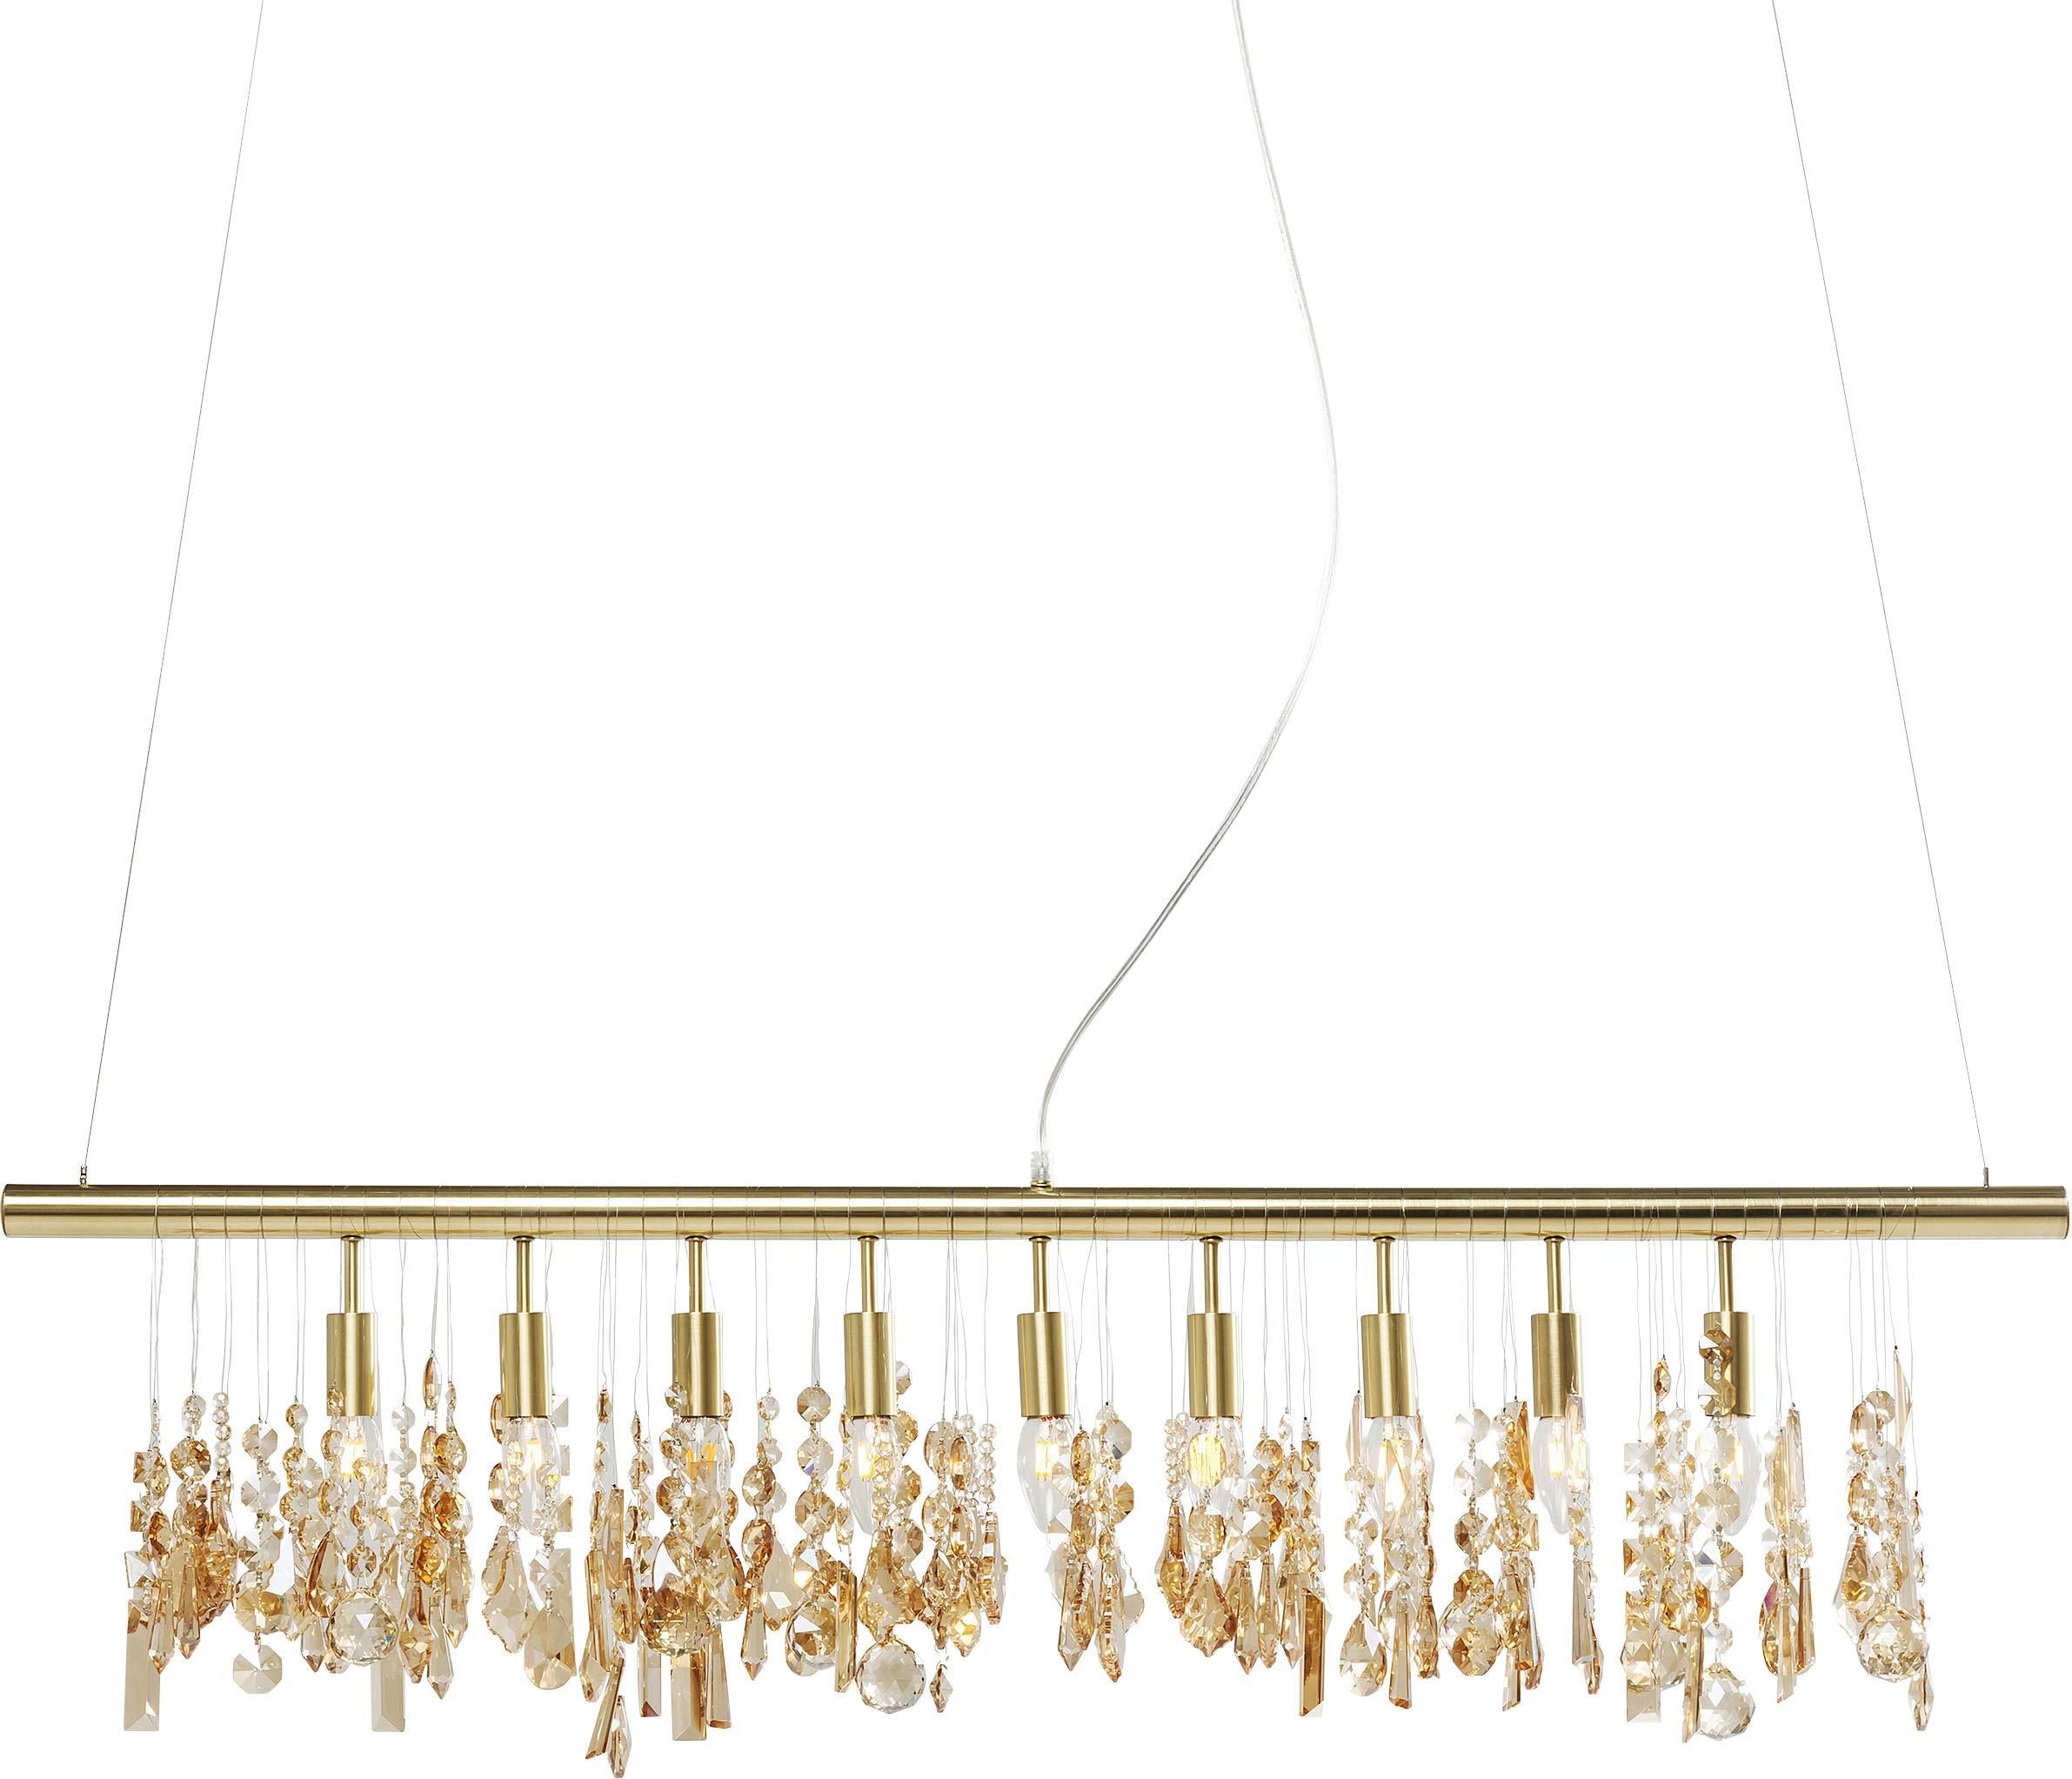 Kare DesignシャンデリアKlunkerデラックス真鍮製、リビングルーム用ランプ、シャンデリア、ダイニングテーブルランプ、ゴールド(高さ/幅/奥行き)165 x 123 x 4 cm